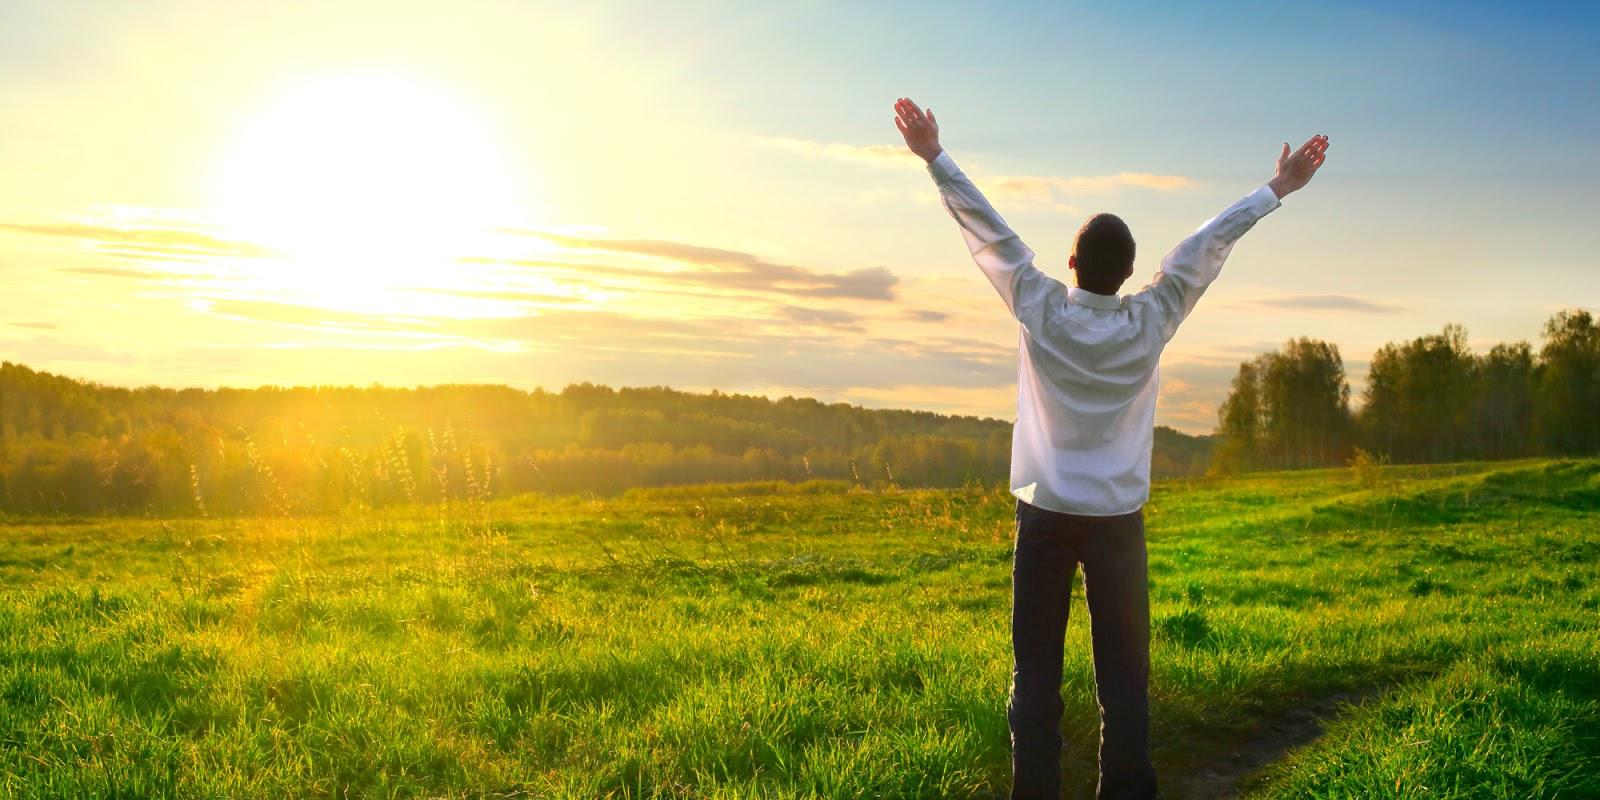 kunci, sukses, kehidupan, bahagia, arti, penting, kaya, ilmu, berbagi, law, attraction